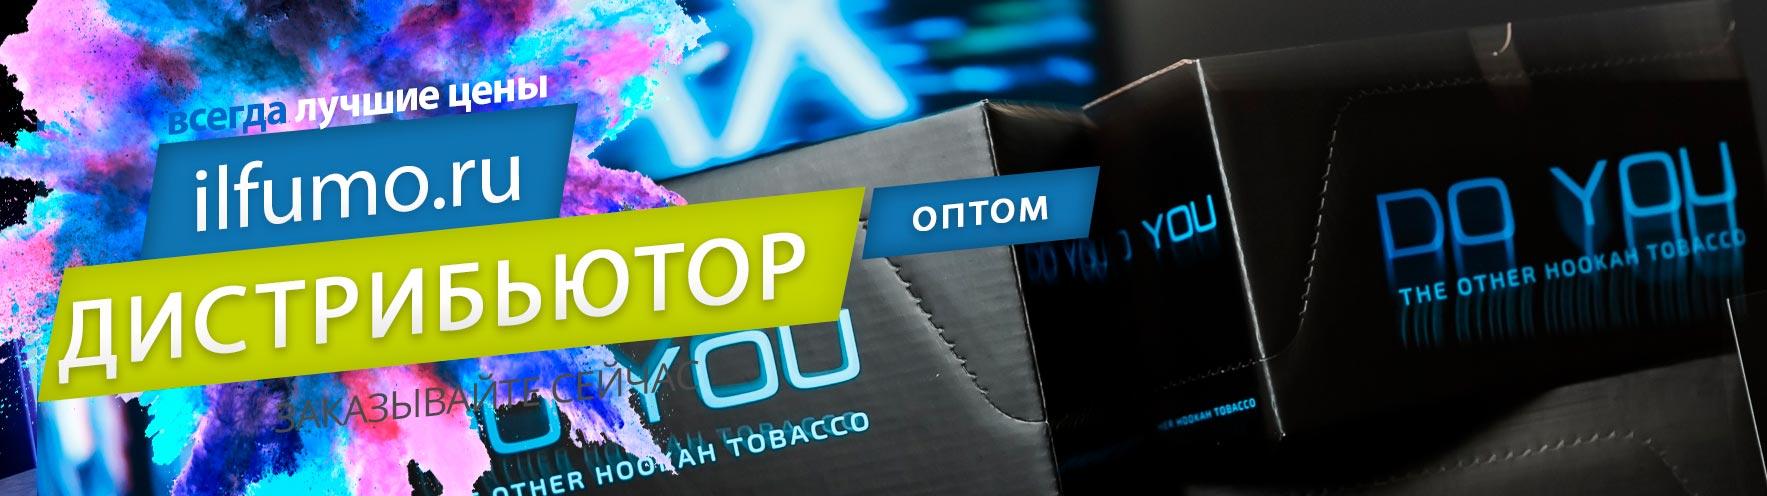 Табак Do You оптом